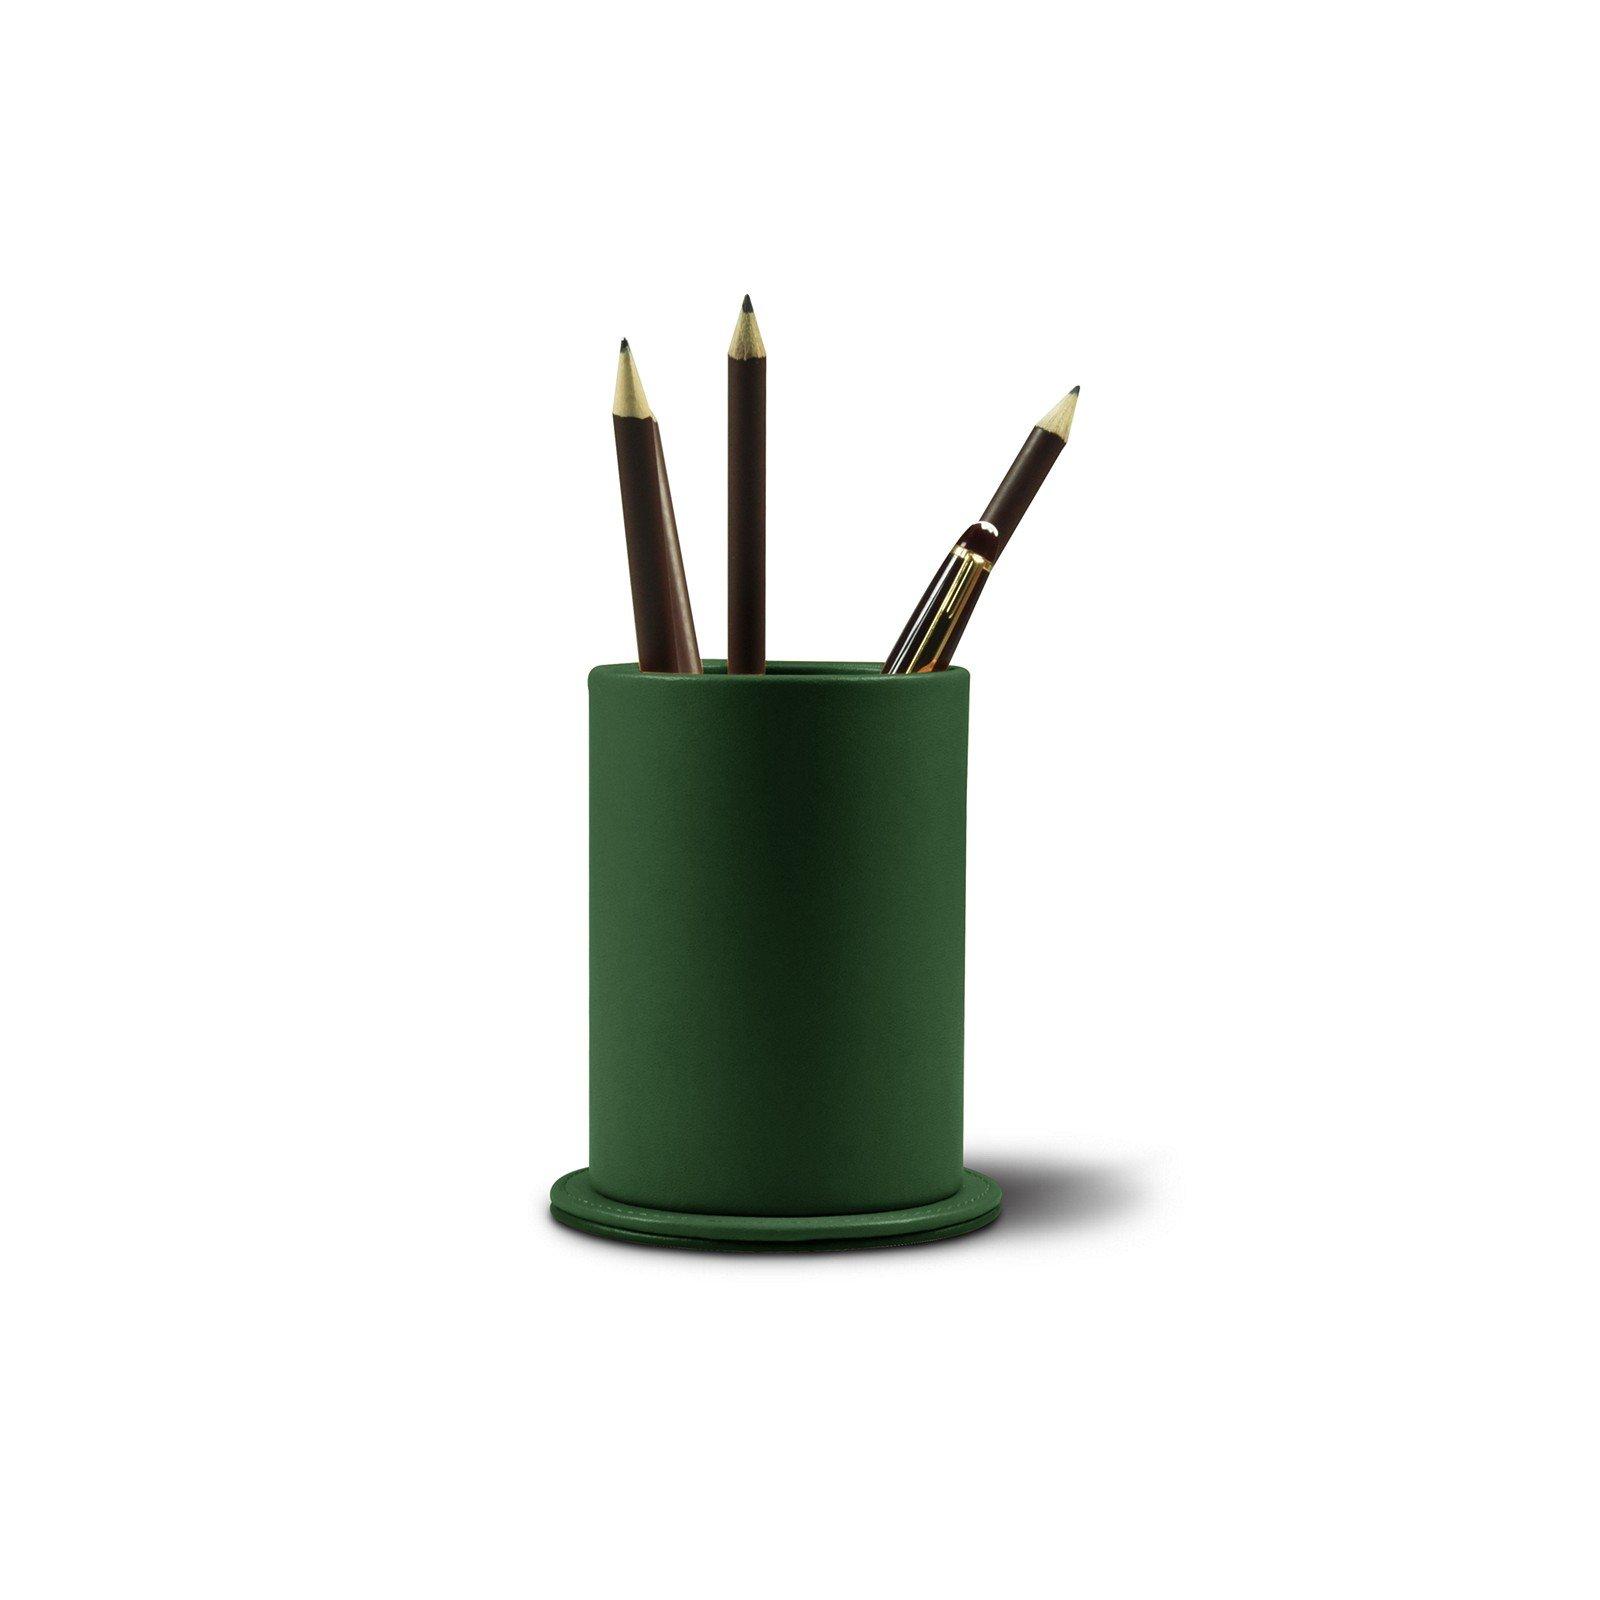 Lucrin - Round Pen Holder - Dark Green - Genuine Leather